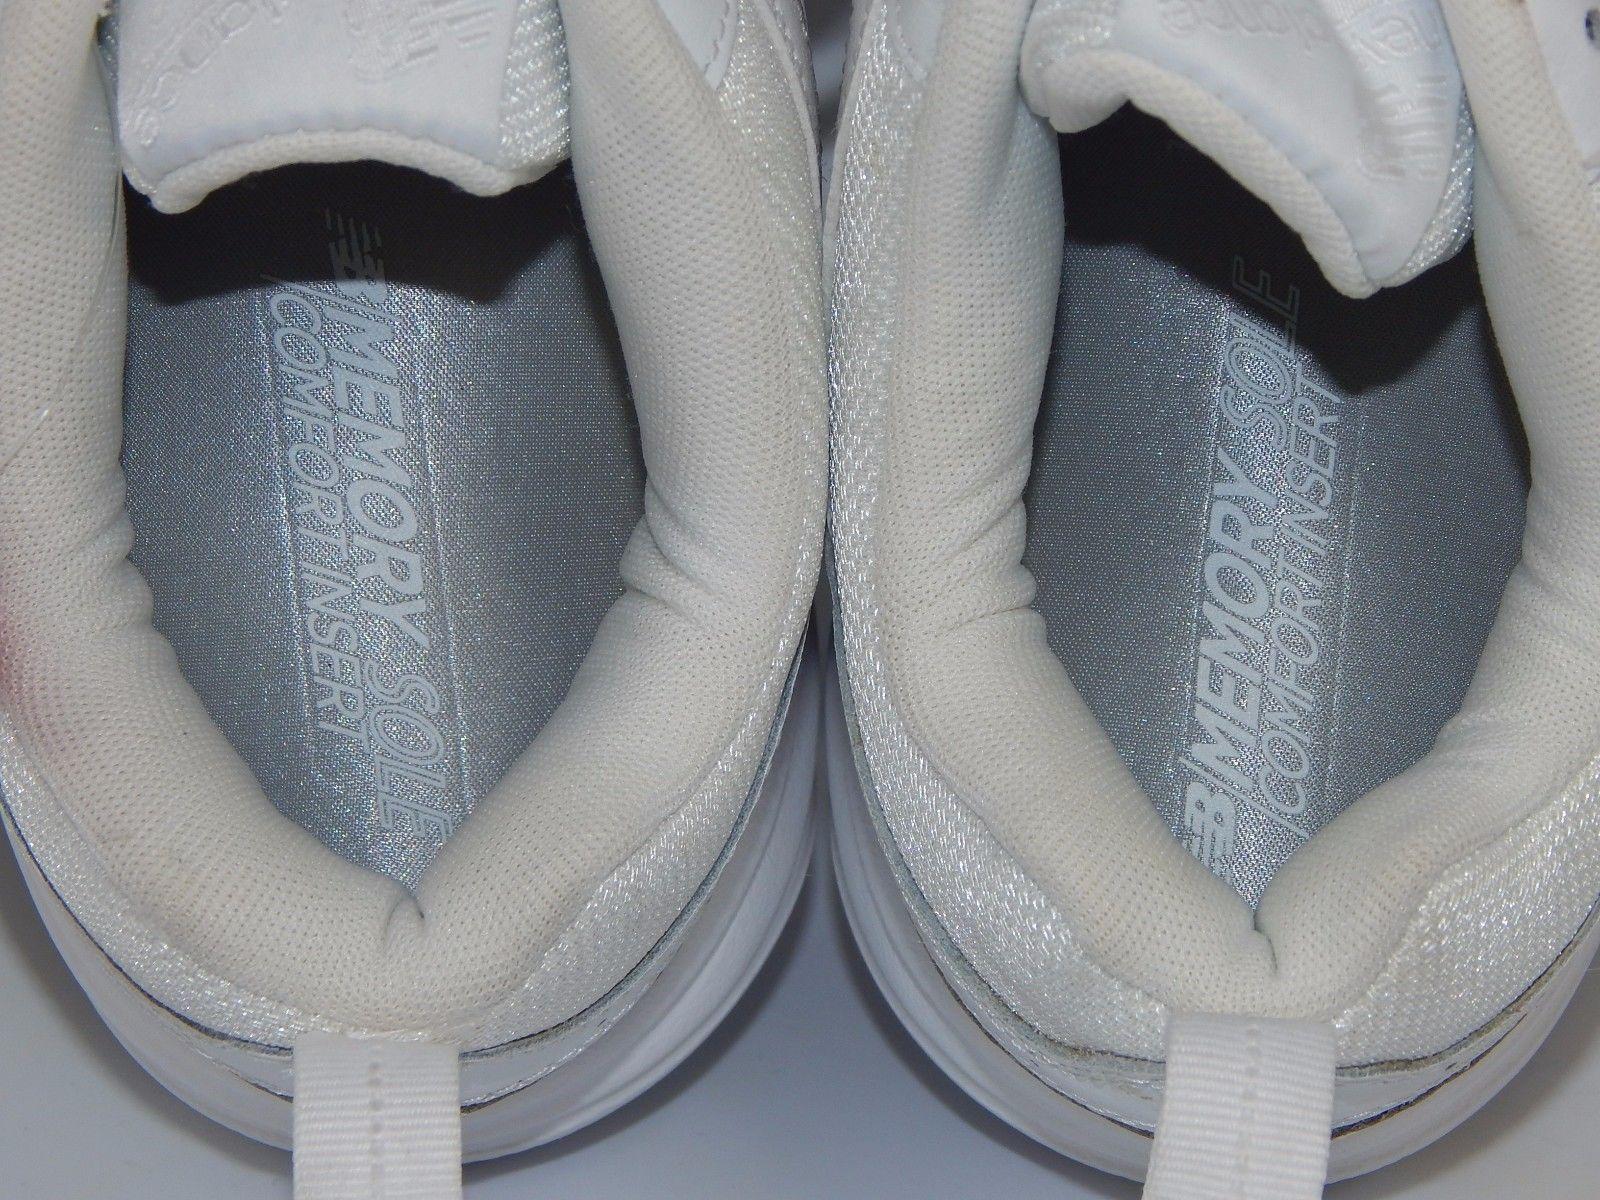 New Balance 609 v3 Men's Training Shoes Sz US 9 4E EXTRA WIDE EU 42.5 MX609AZ3